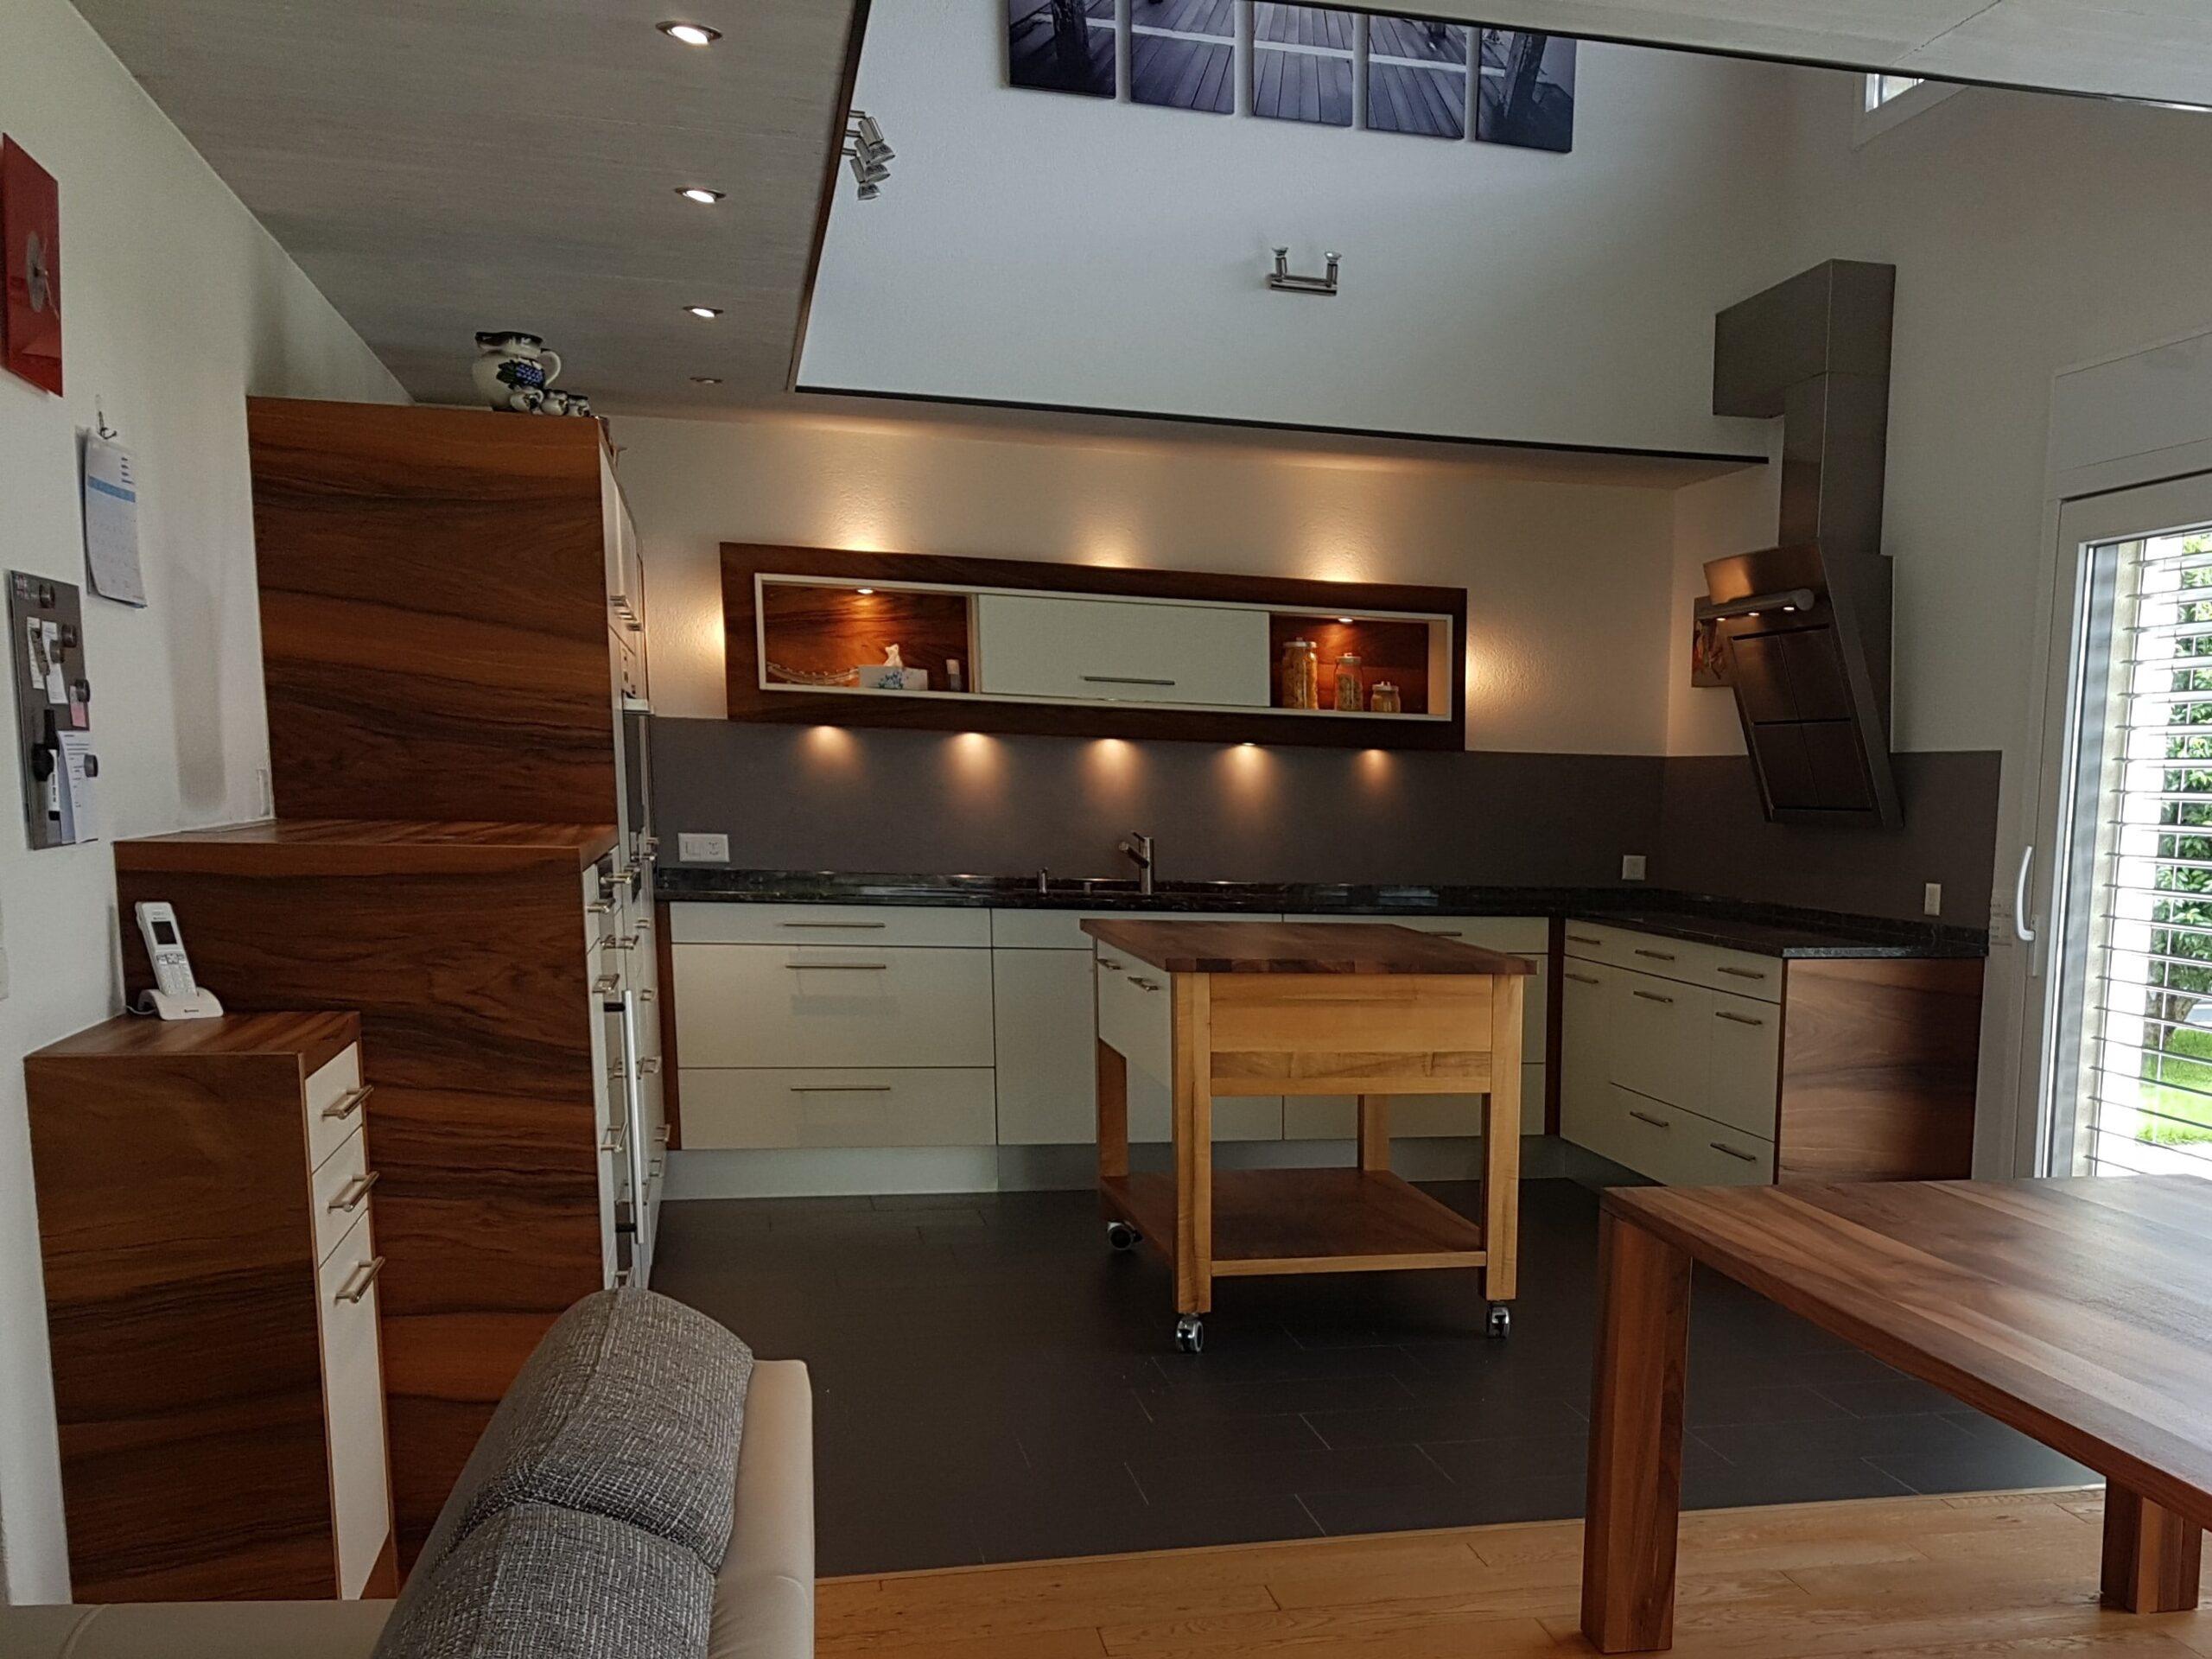 Wooddesign_Holzleuchten_LED-Beleuchtung_Licht_Indirekte Beleuchtung_Direkte Beleuchtung_Holzdesign (41)-min